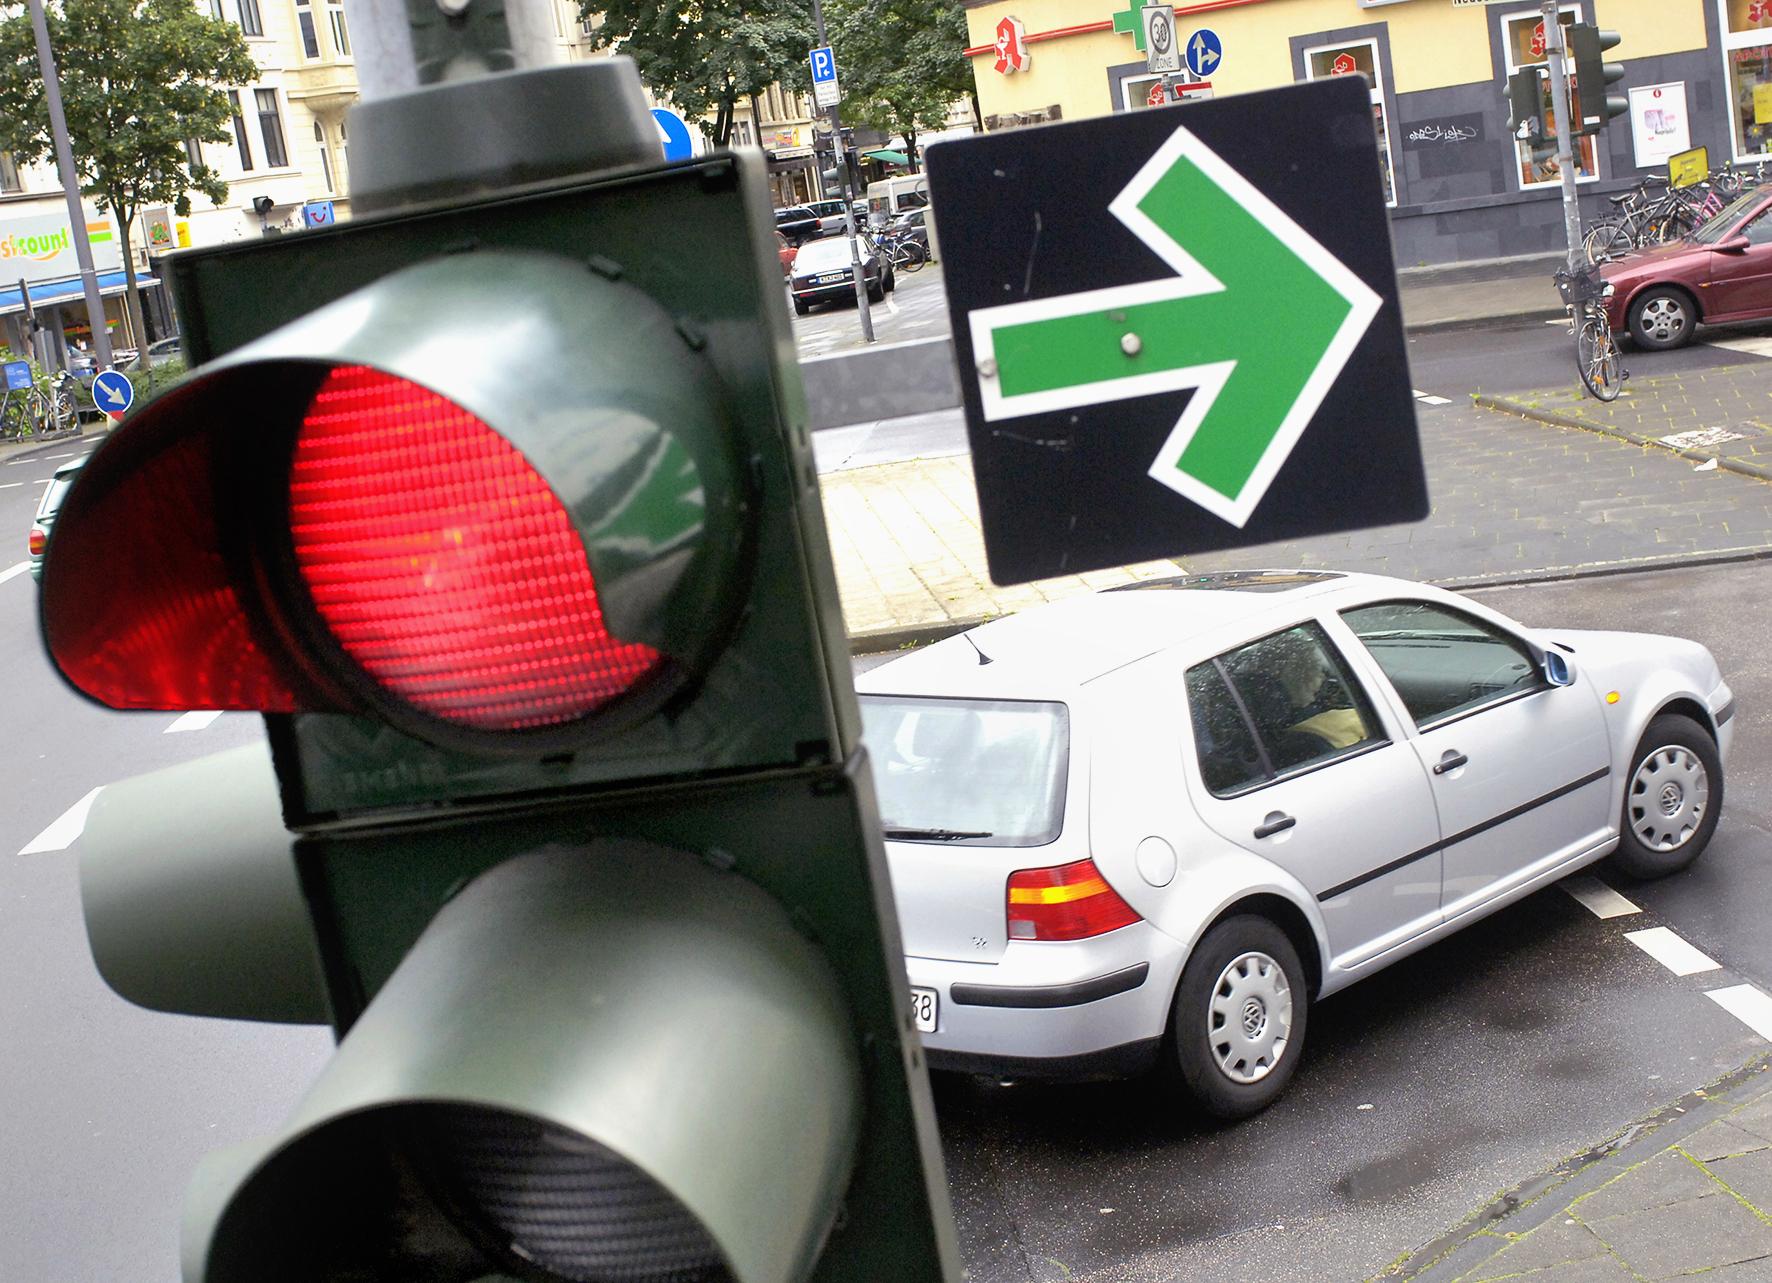 Zielona strzałka nametalowej tabliczce